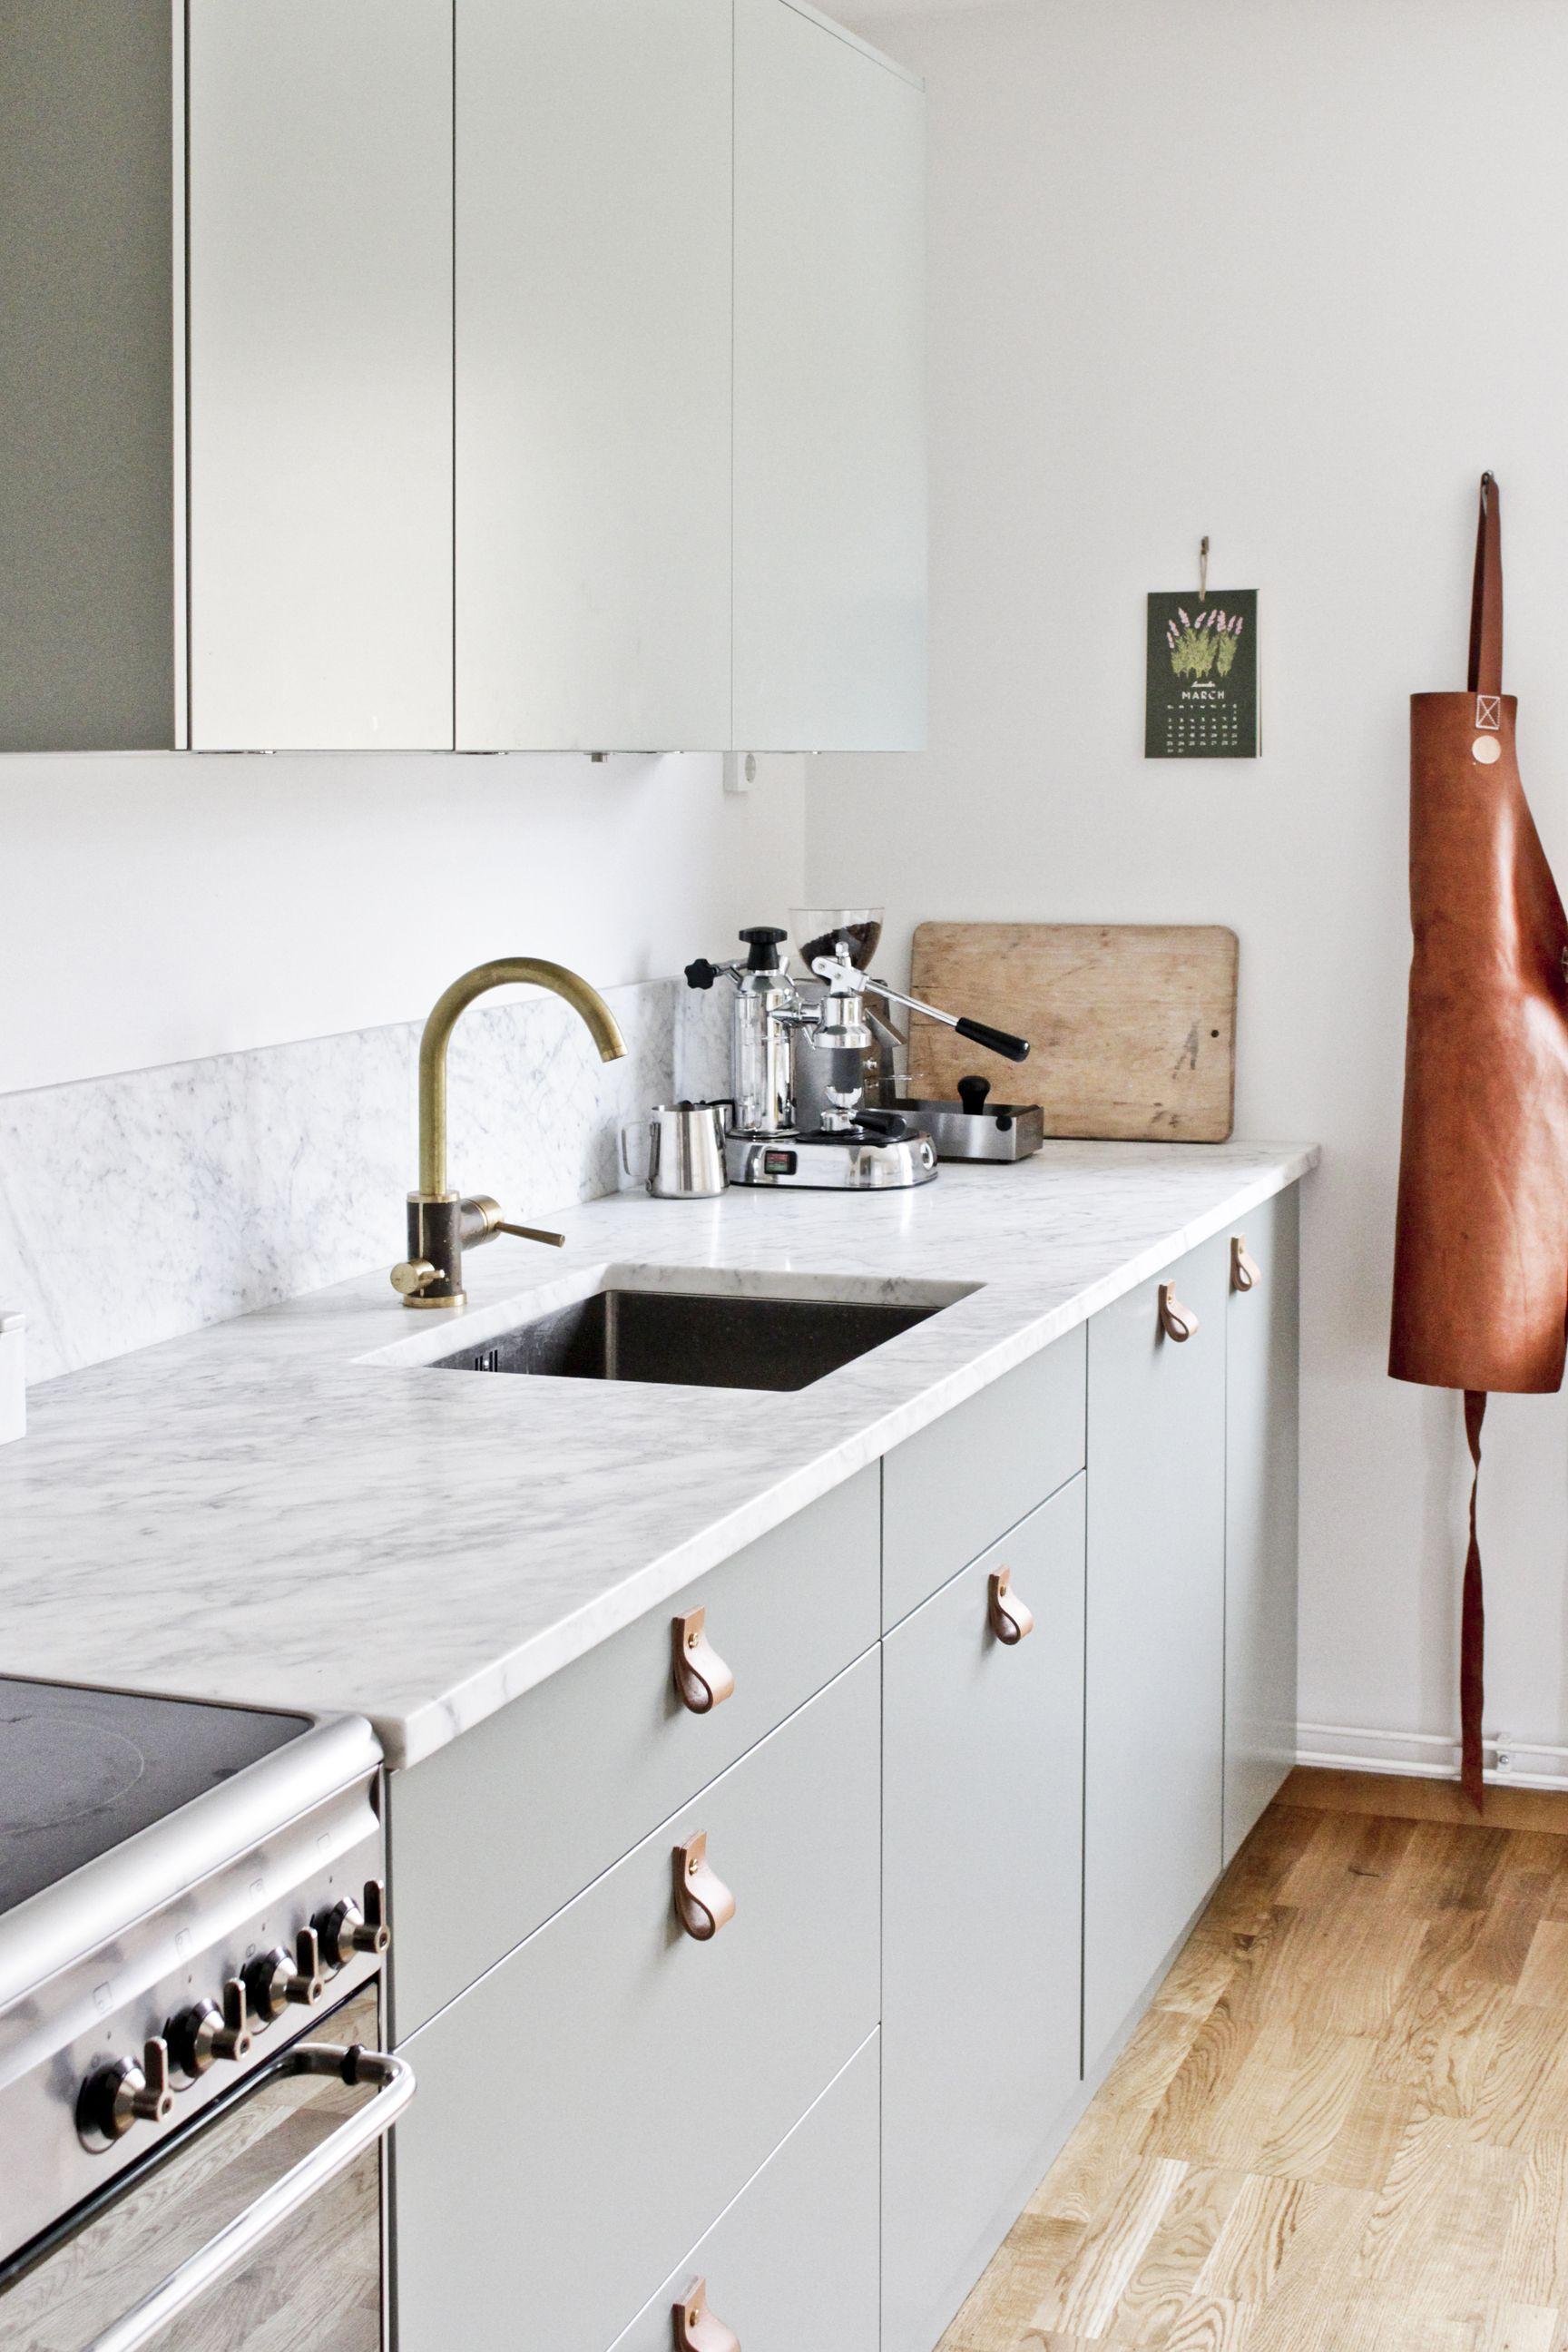 Un Plan De Travail Et Une Credence En Marbre Dans La Cuisine Cuisine Ikea Cuisine Moderne Cuisines Deco